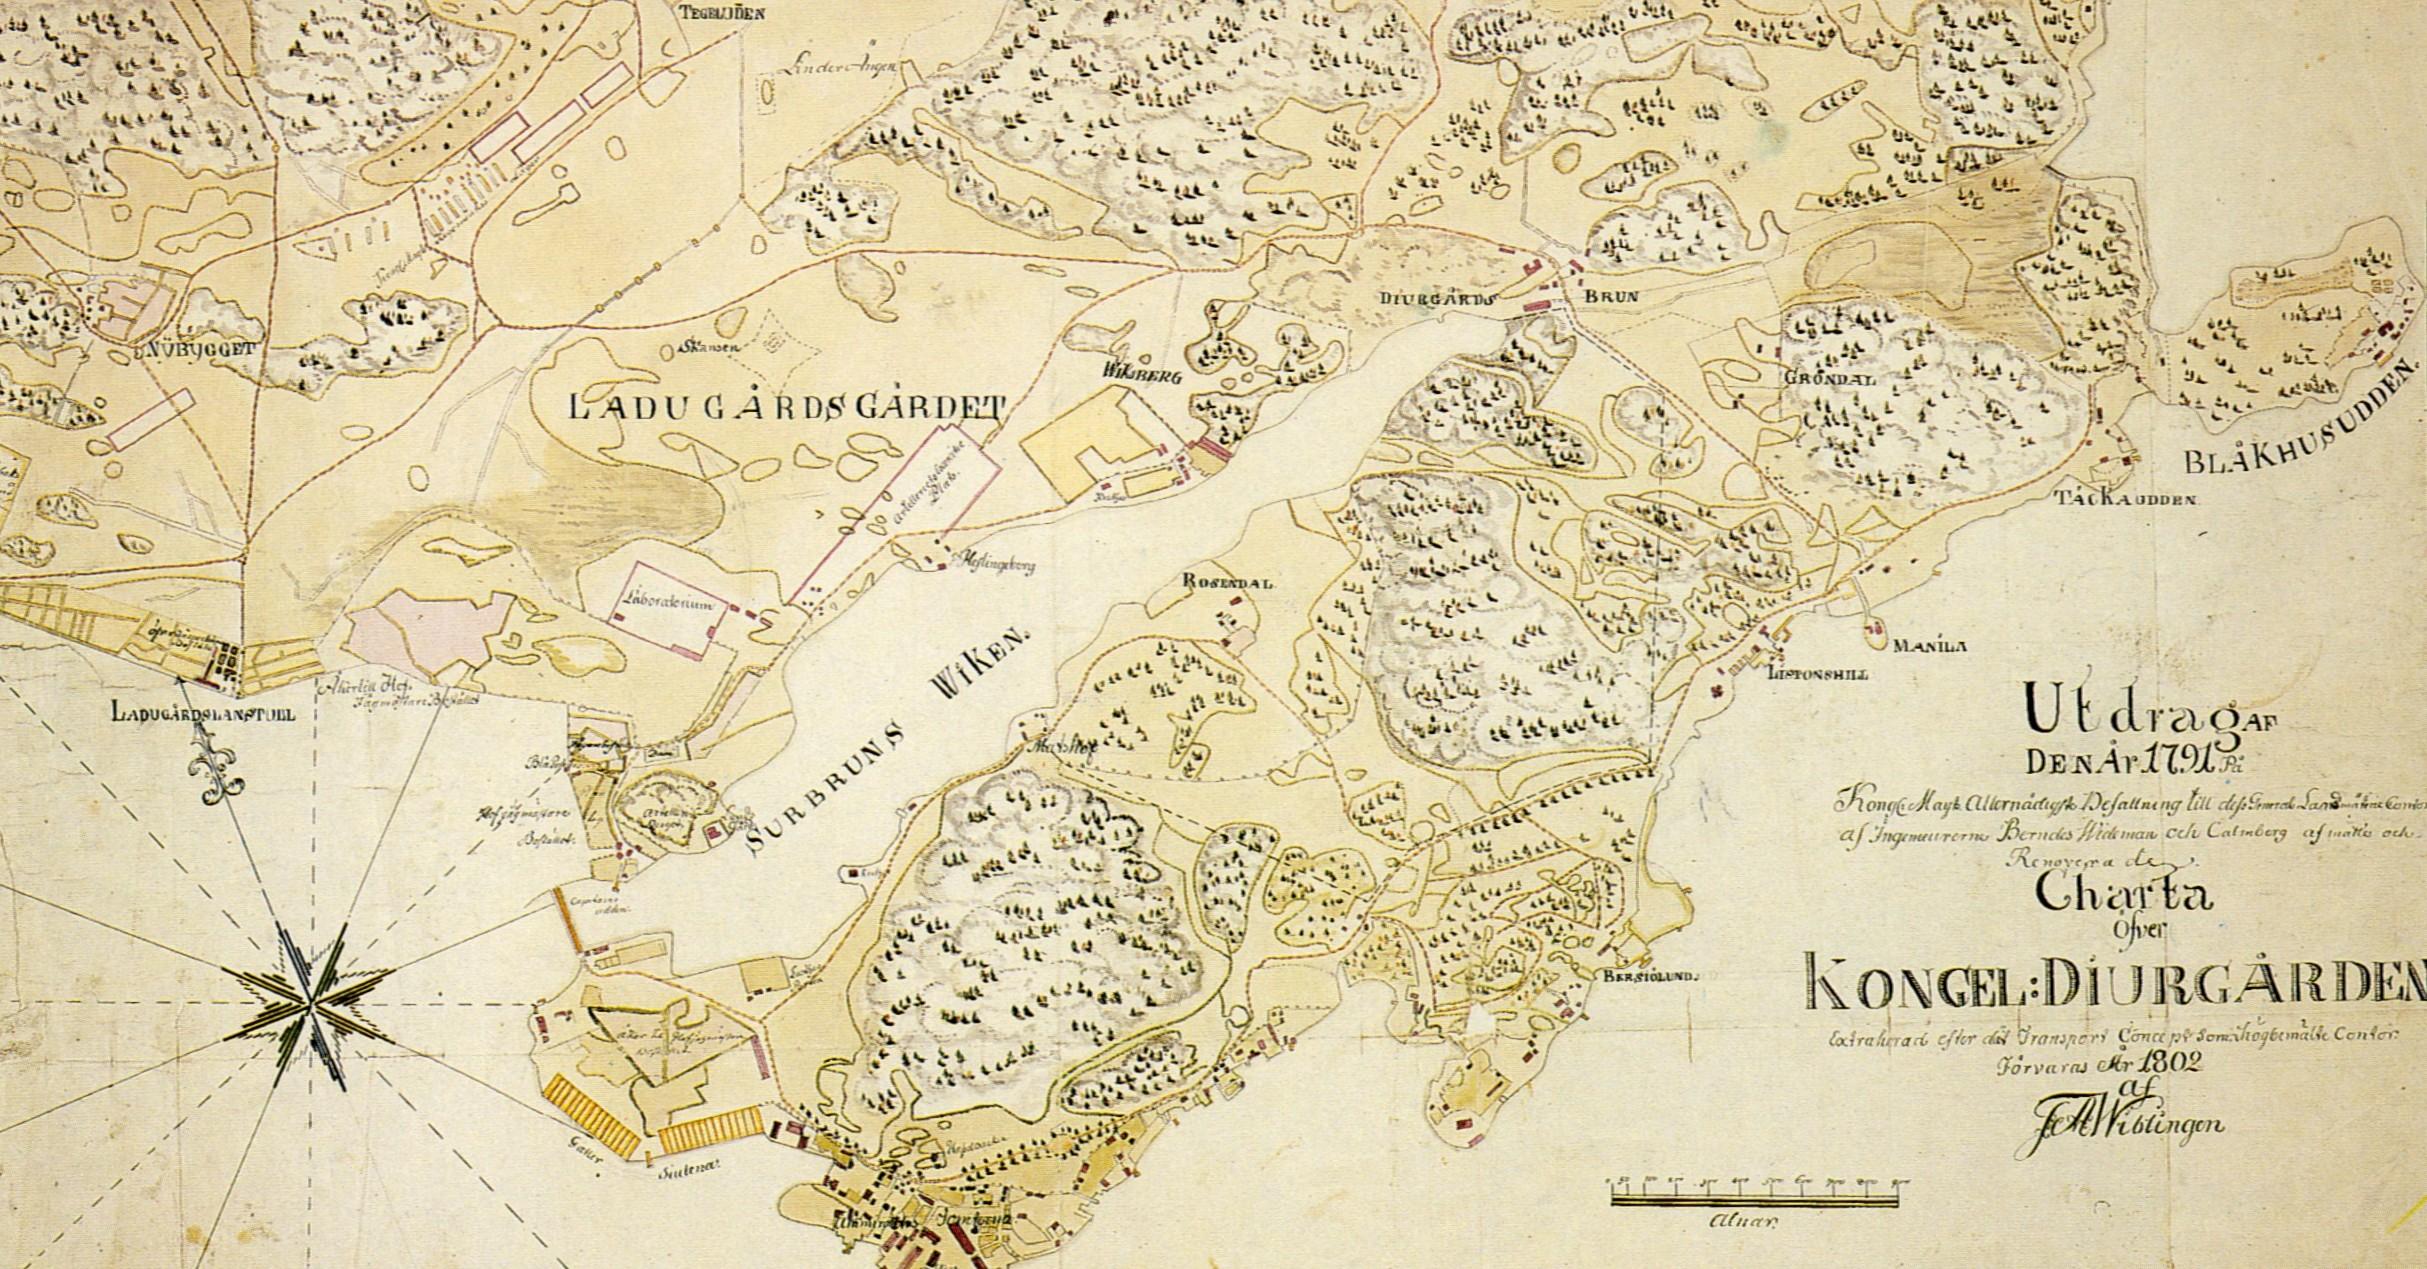 djurgården karta